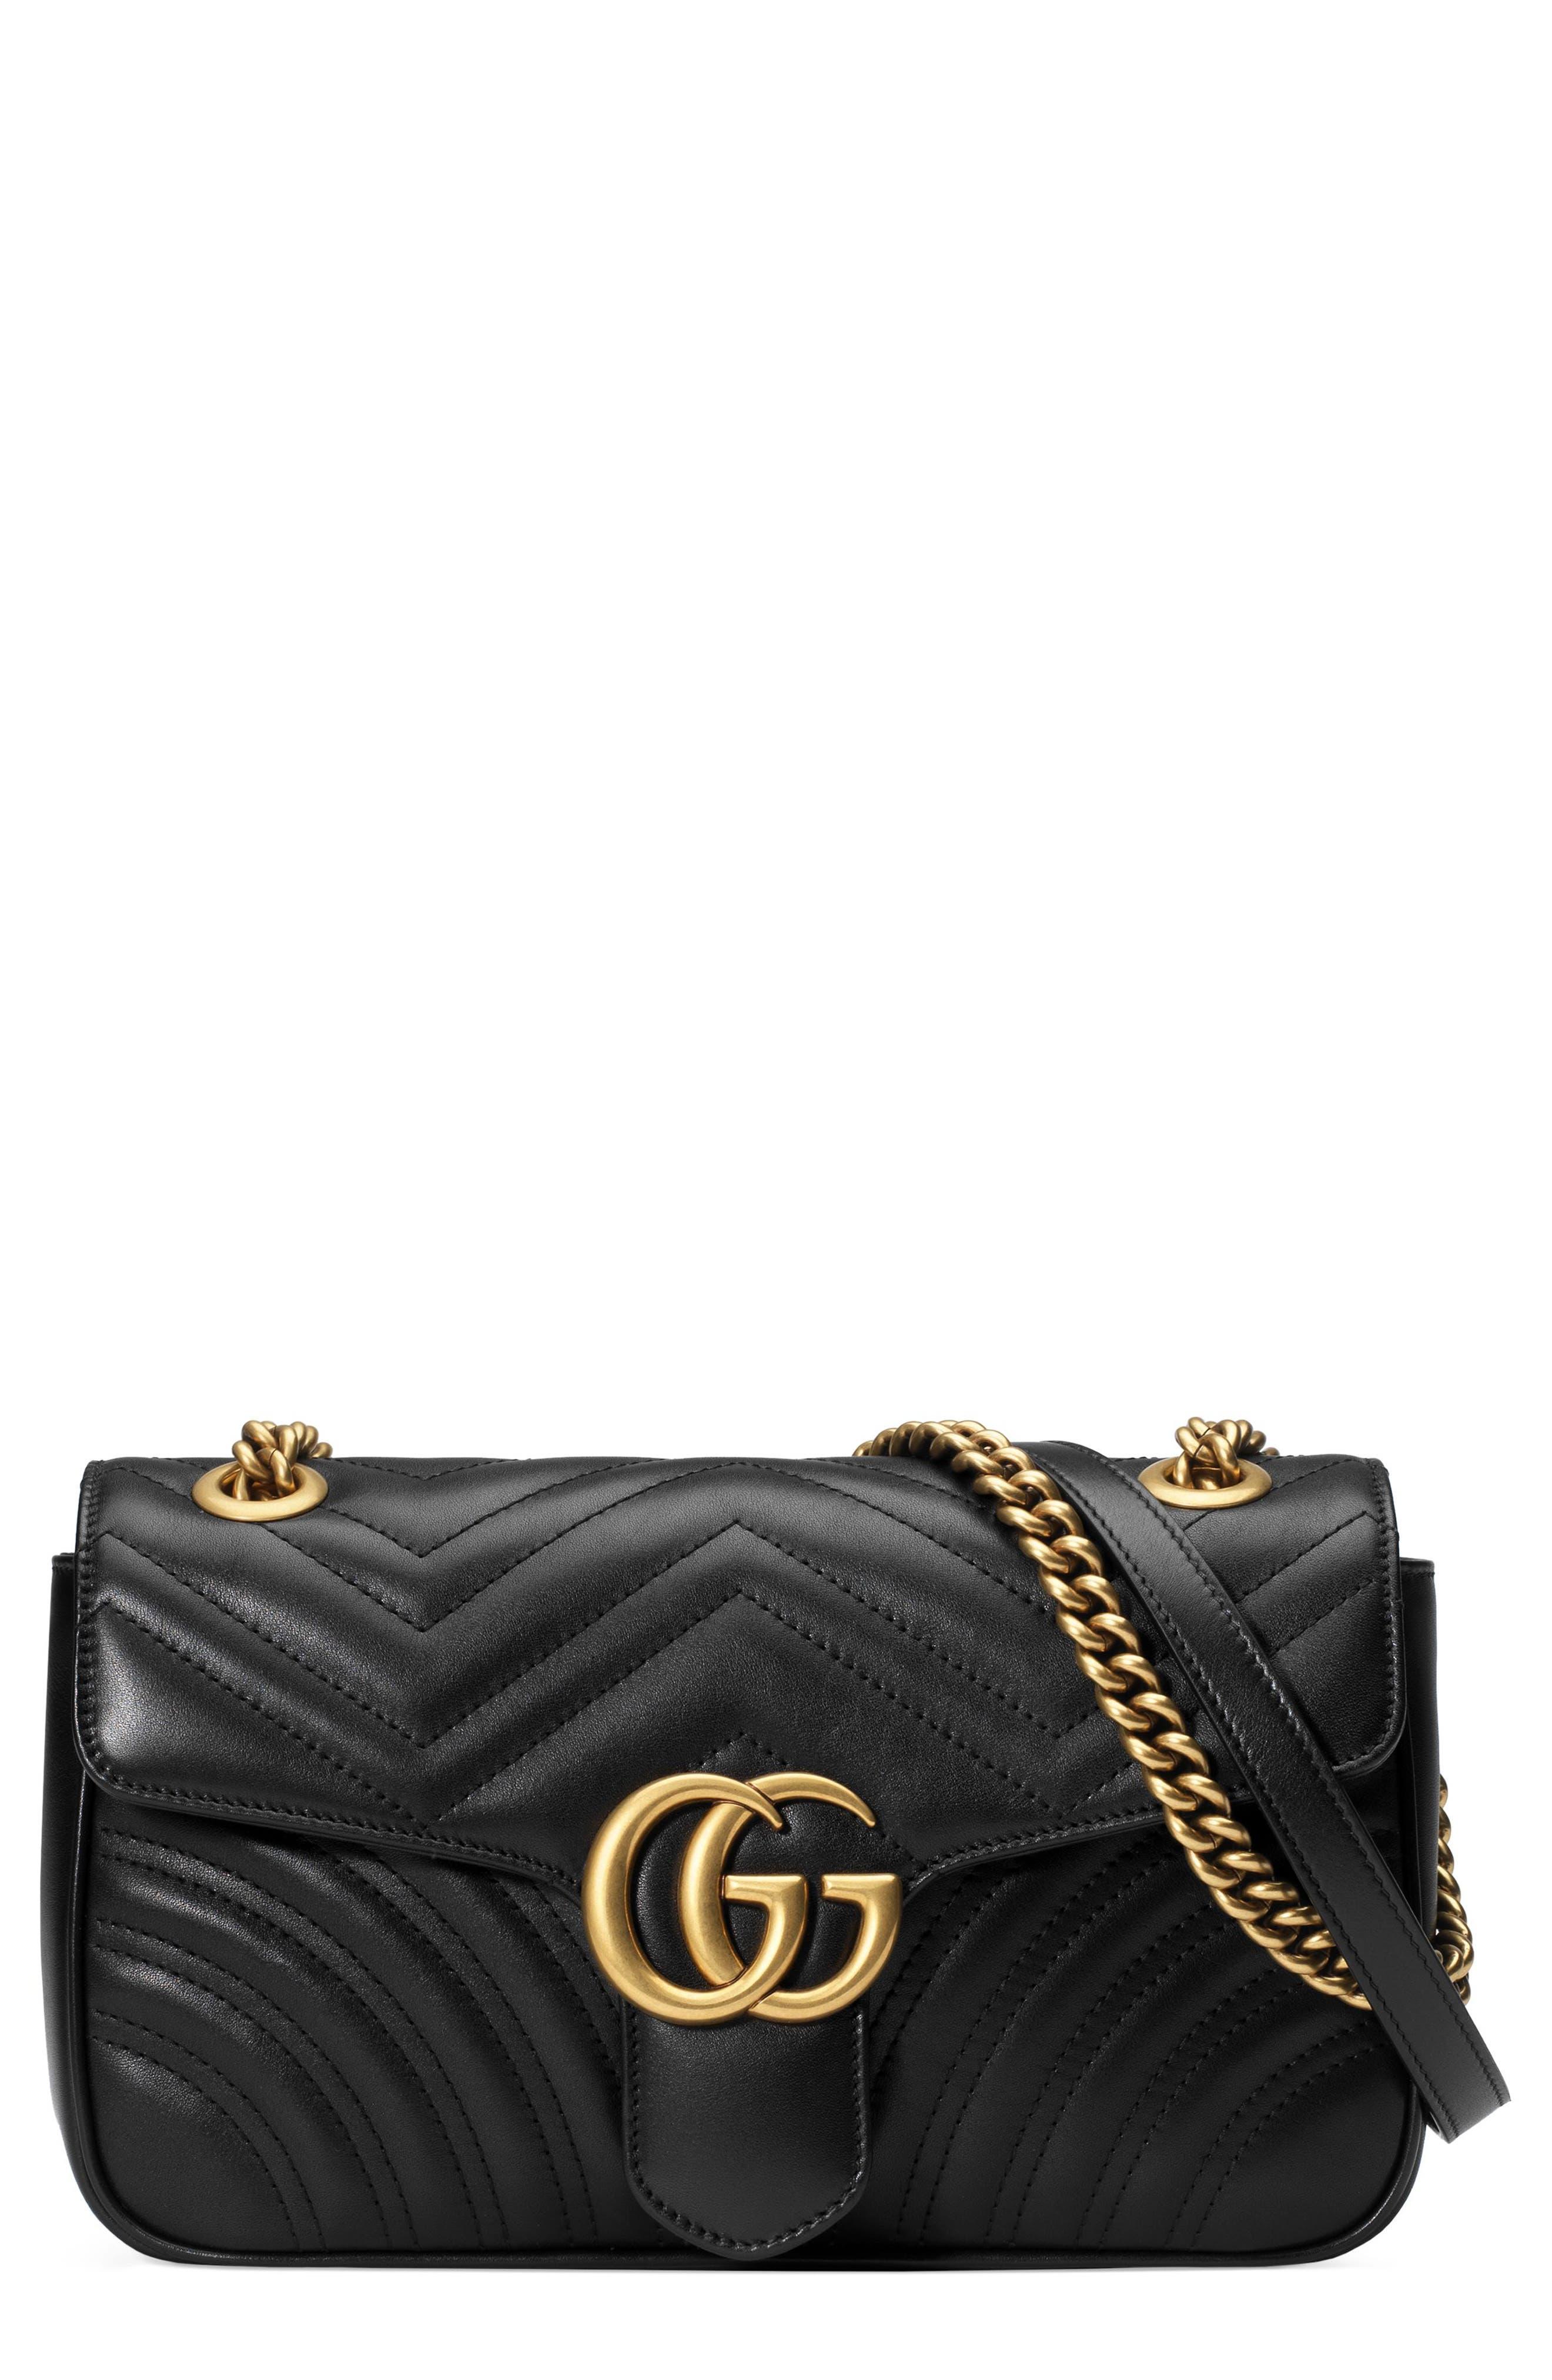 Small GG Marmont 2.0 Matelassé Leather Shoulder Bag,                             Main thumbnail 1, color,